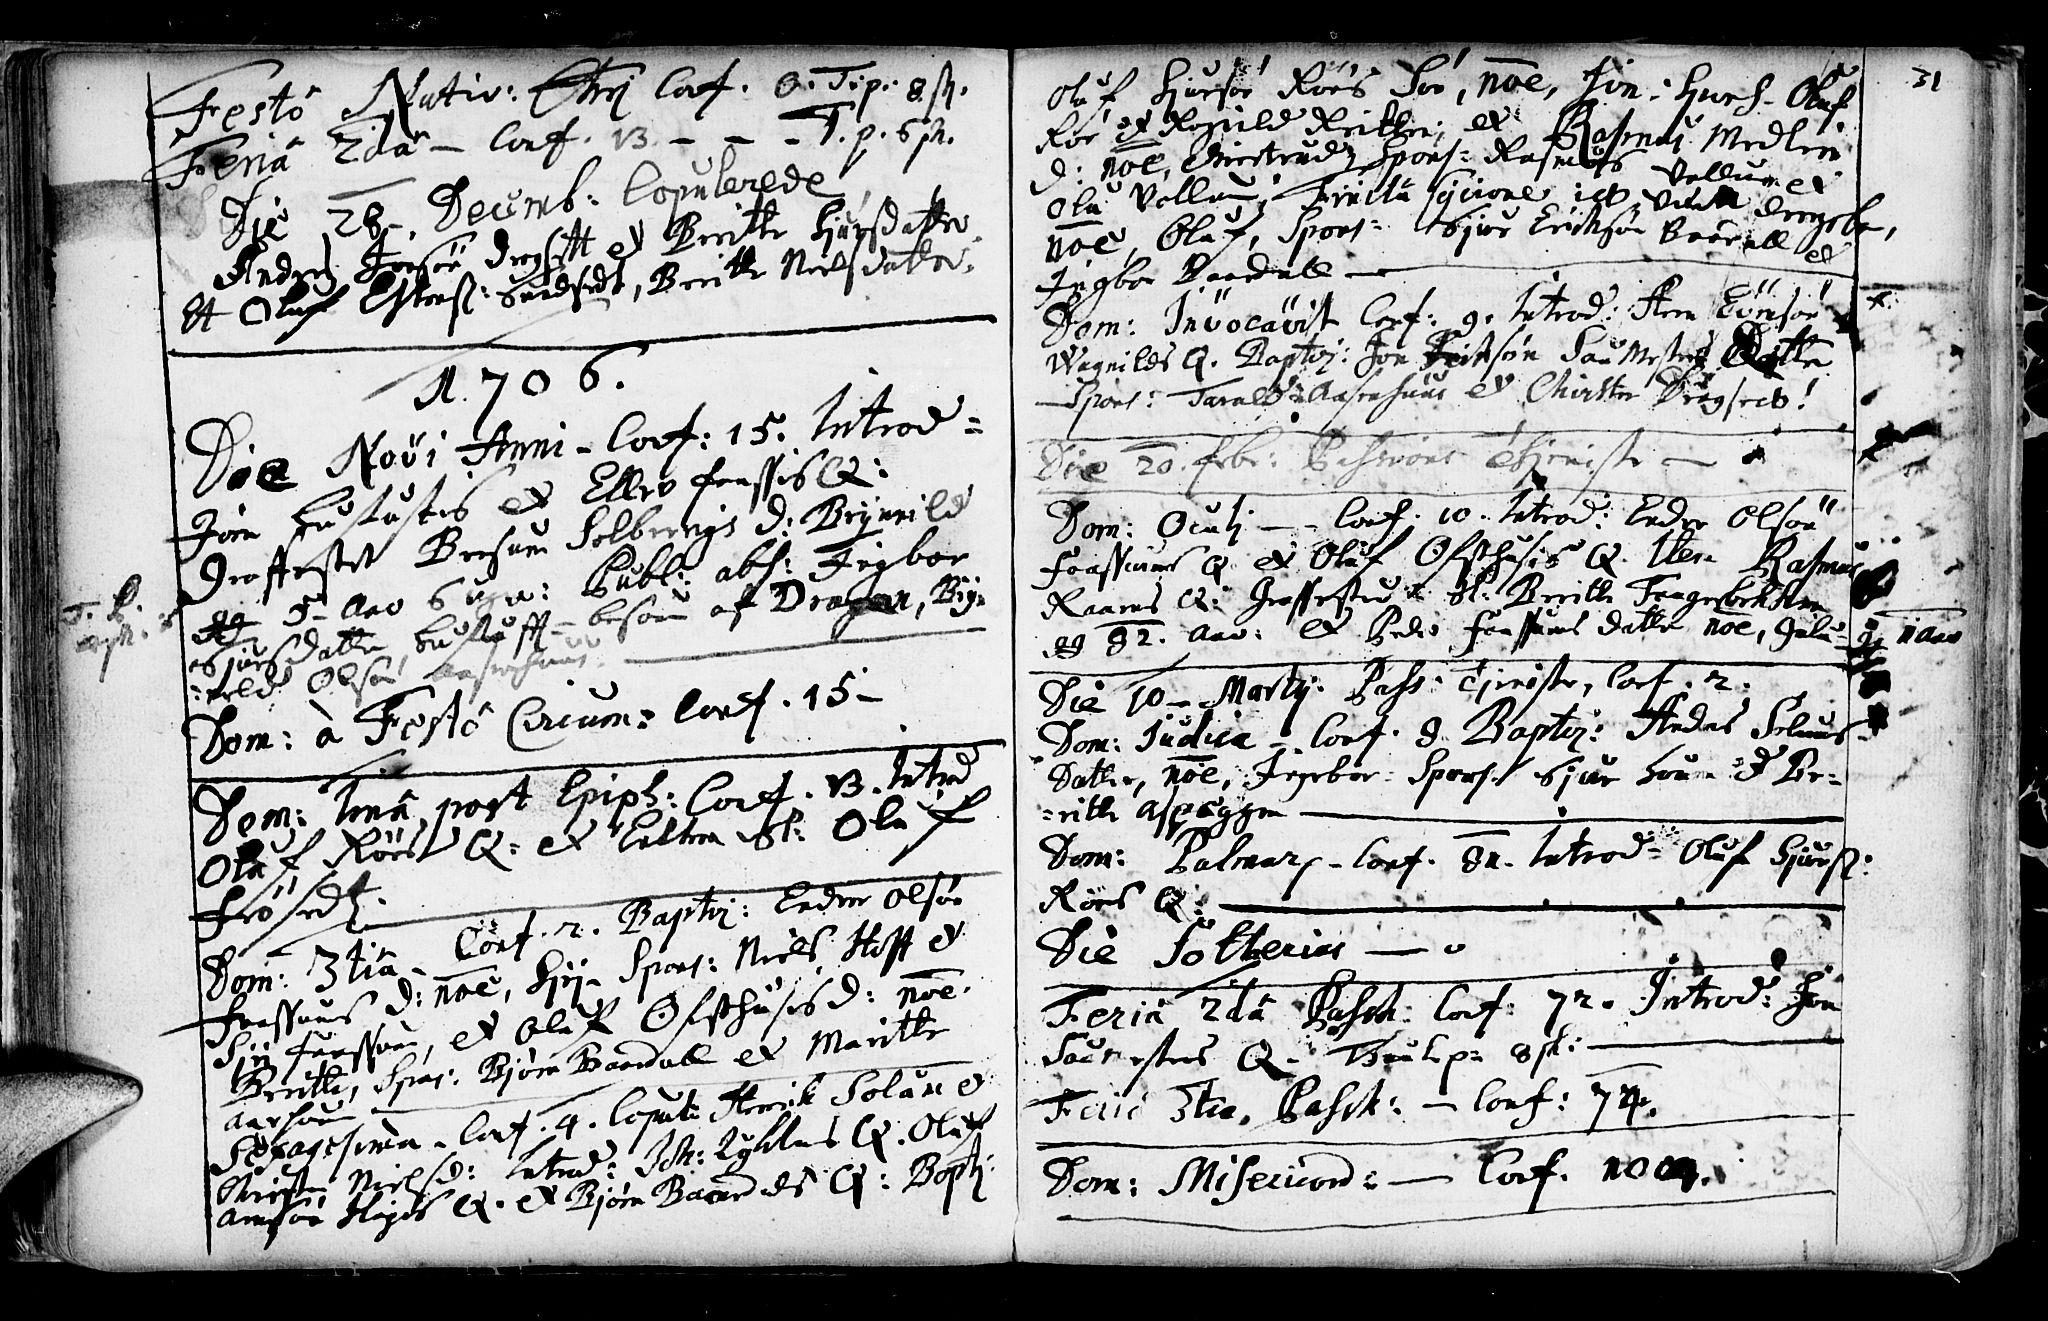 SAT, Ministerialprotokoller, klokkerbøker og fødselsregistre - Sør-Trøndelag, 689/L1036: Ministerialbok nr. 689A01, 1696-1746, s. 31